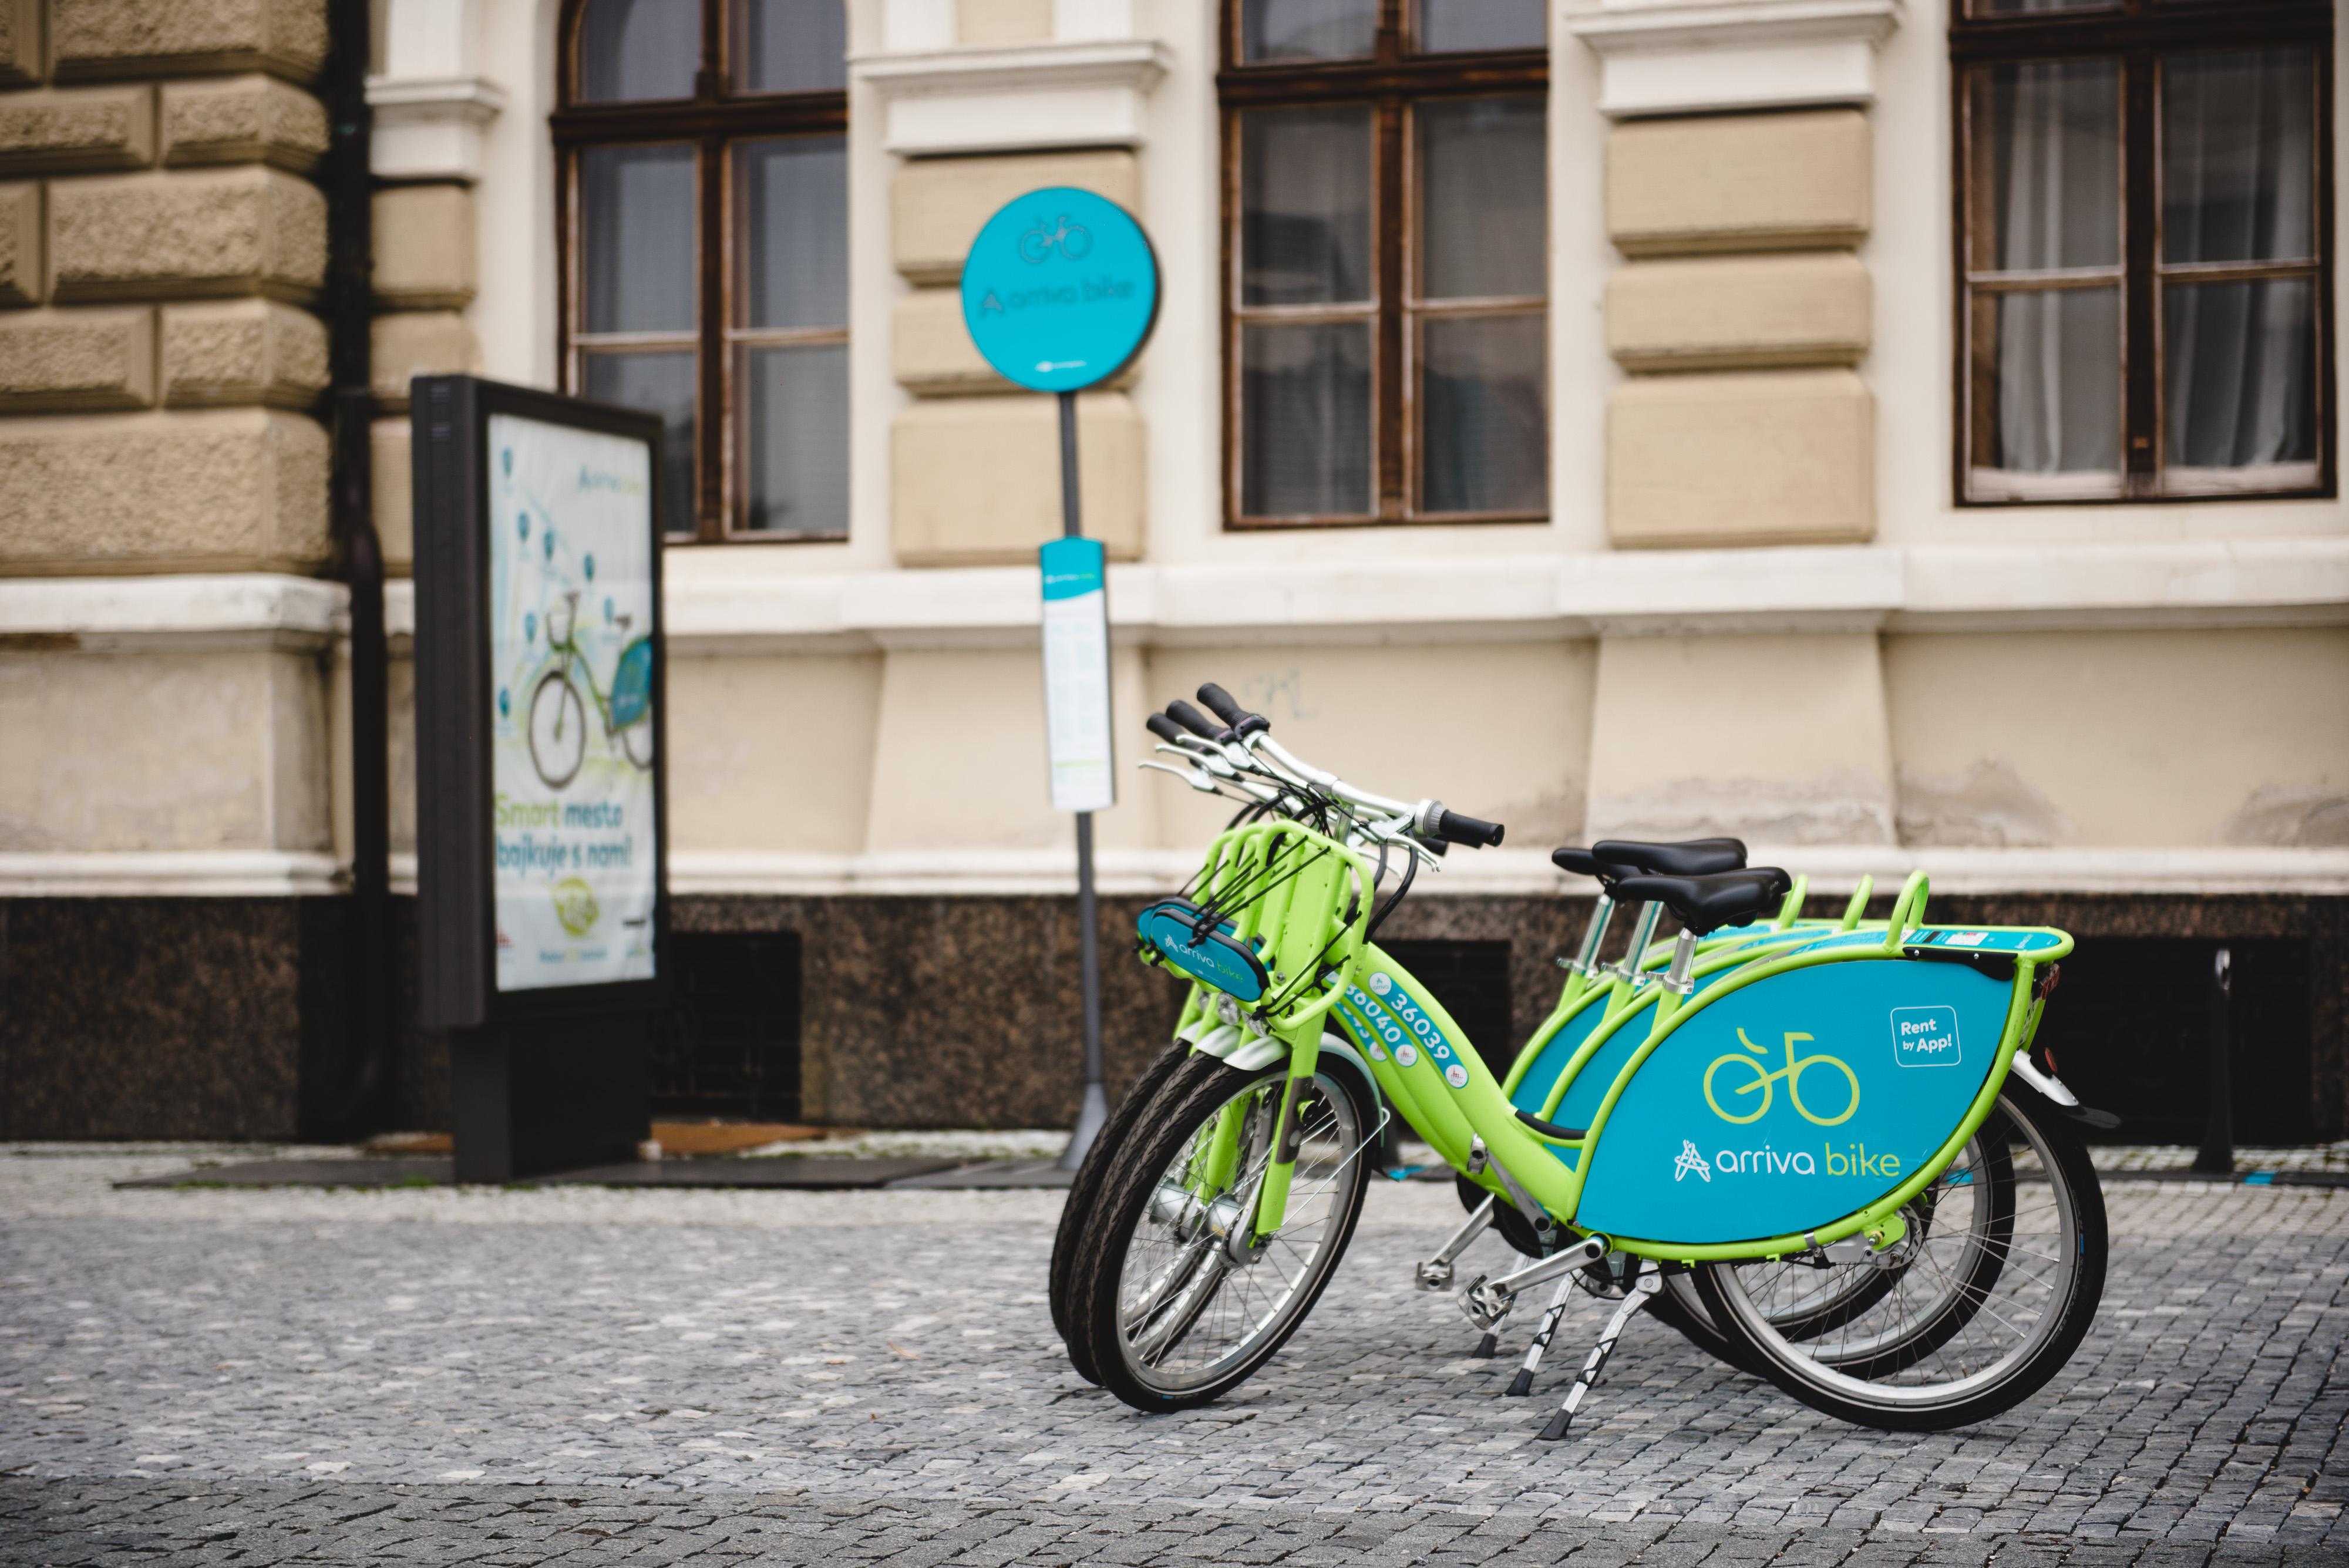 Zdieľané bicykle arriva bike môžu Nitrania - Kam v meste  cd9dd7a947d